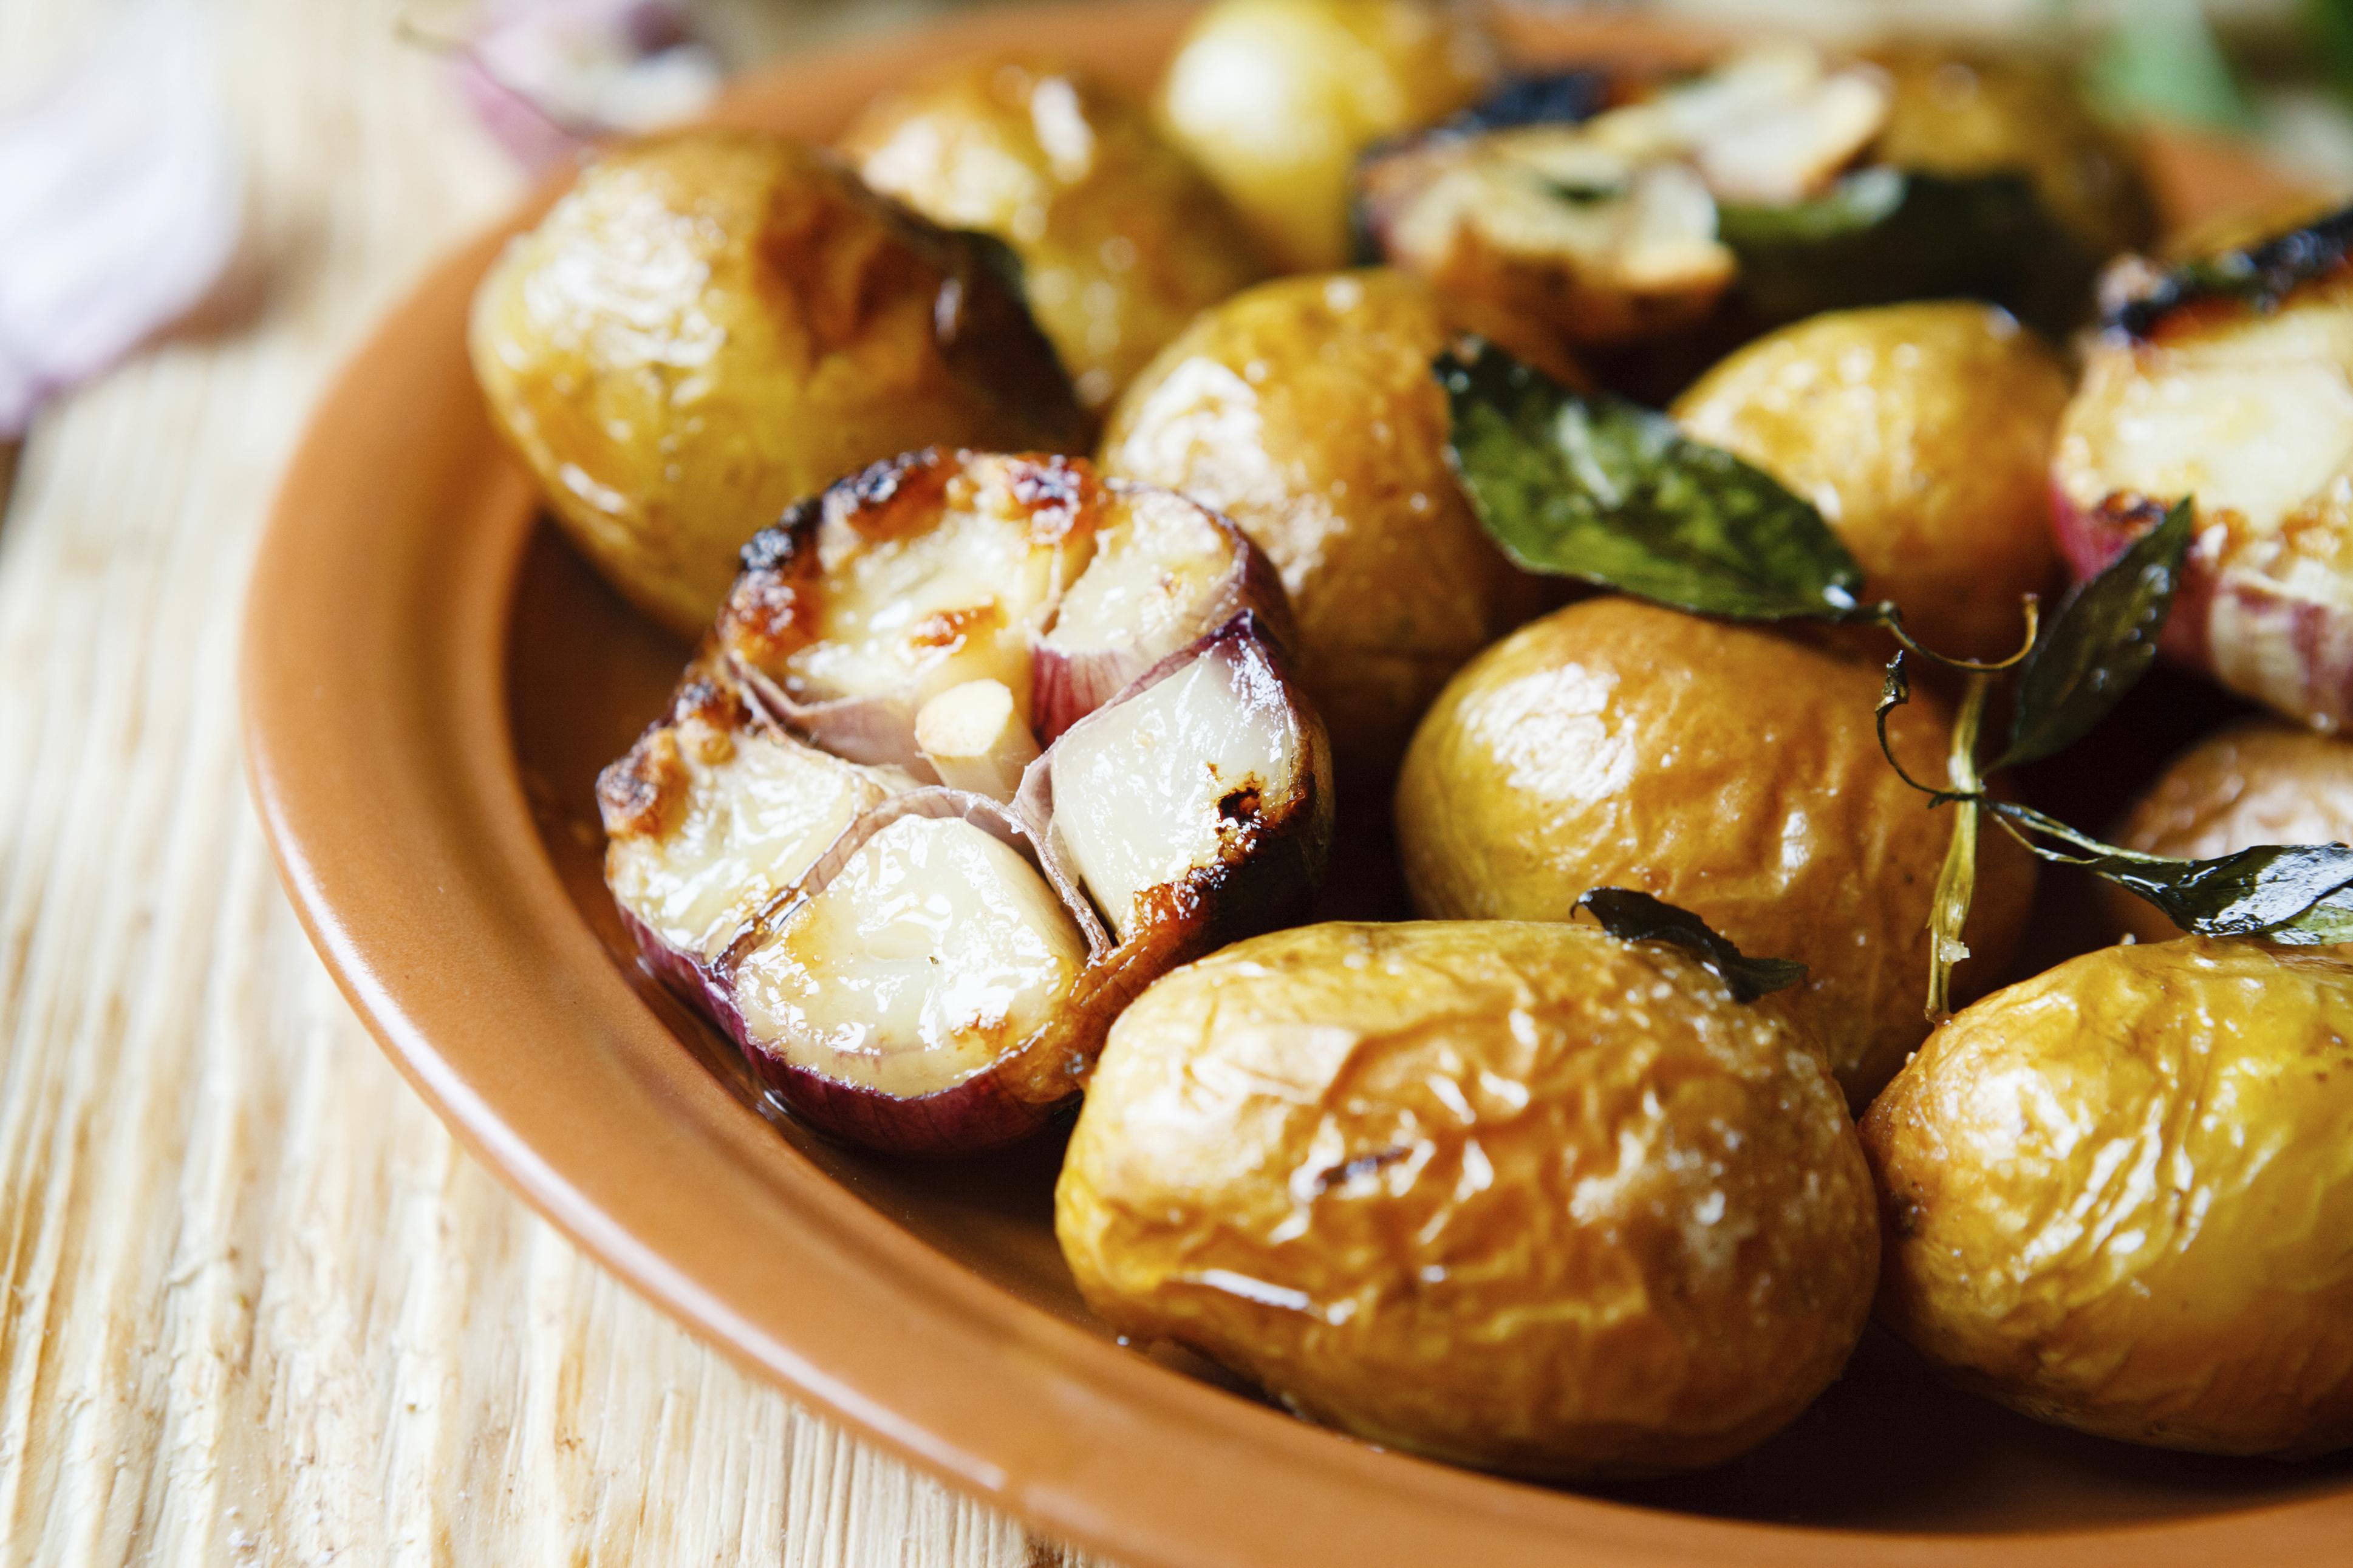 Pečeni mladi krumpir s češnjakom